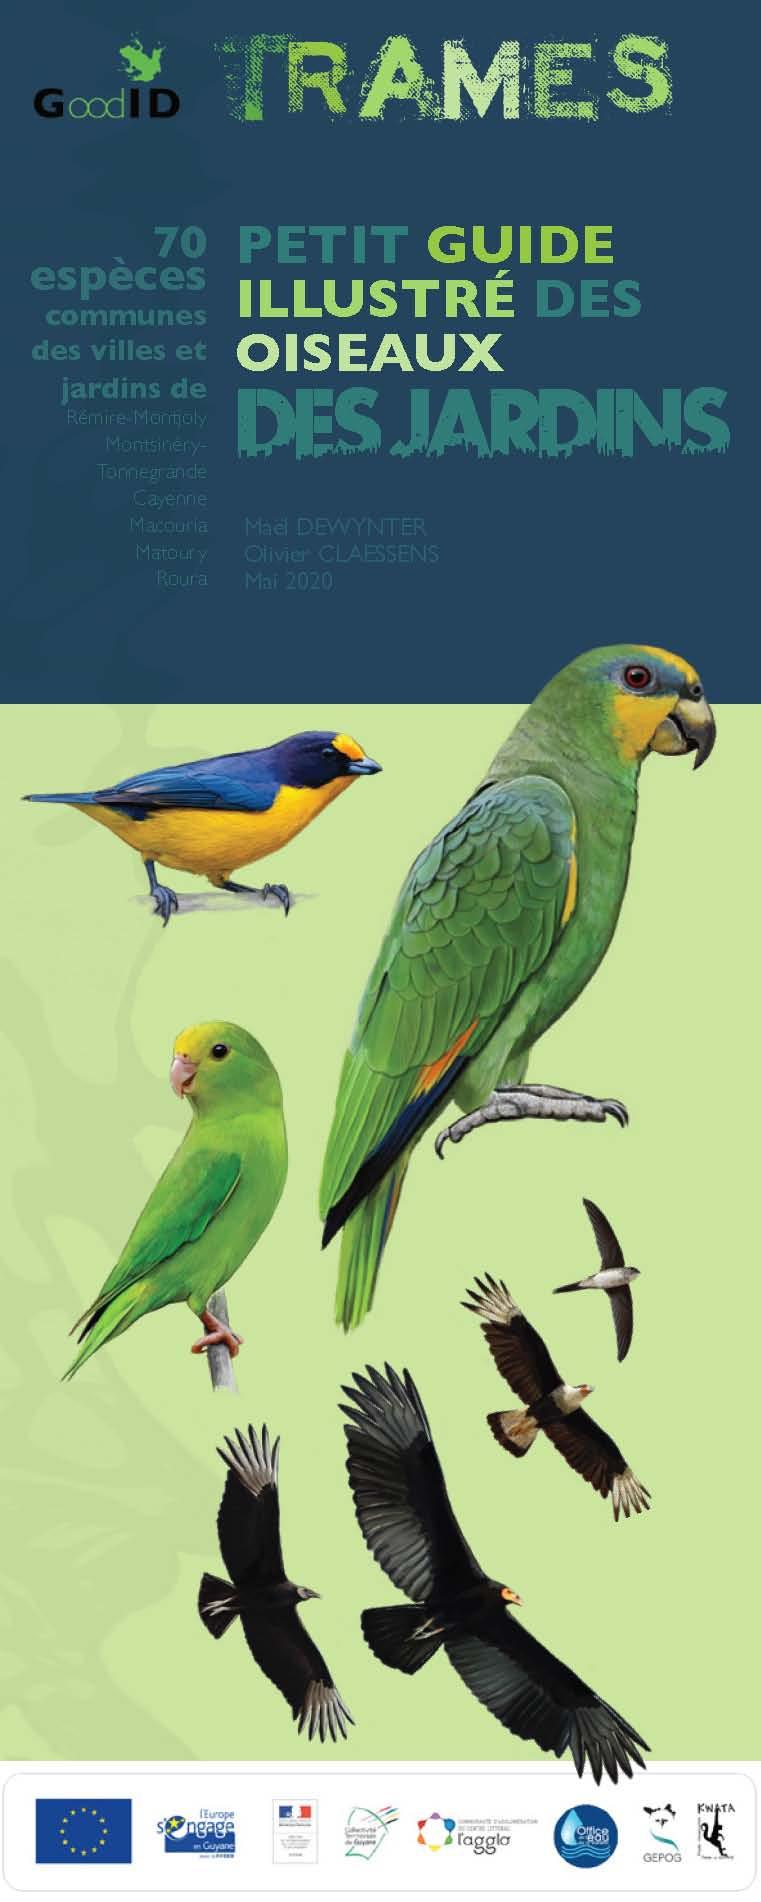 https://cdnfiles1.biolovision.net/www.faune-guyane.fr/userfiles/Documentsdivers/Oiseaux/PlaquetteOiseauxdesjardinsM.Dewyntercouv.jpf.jpg